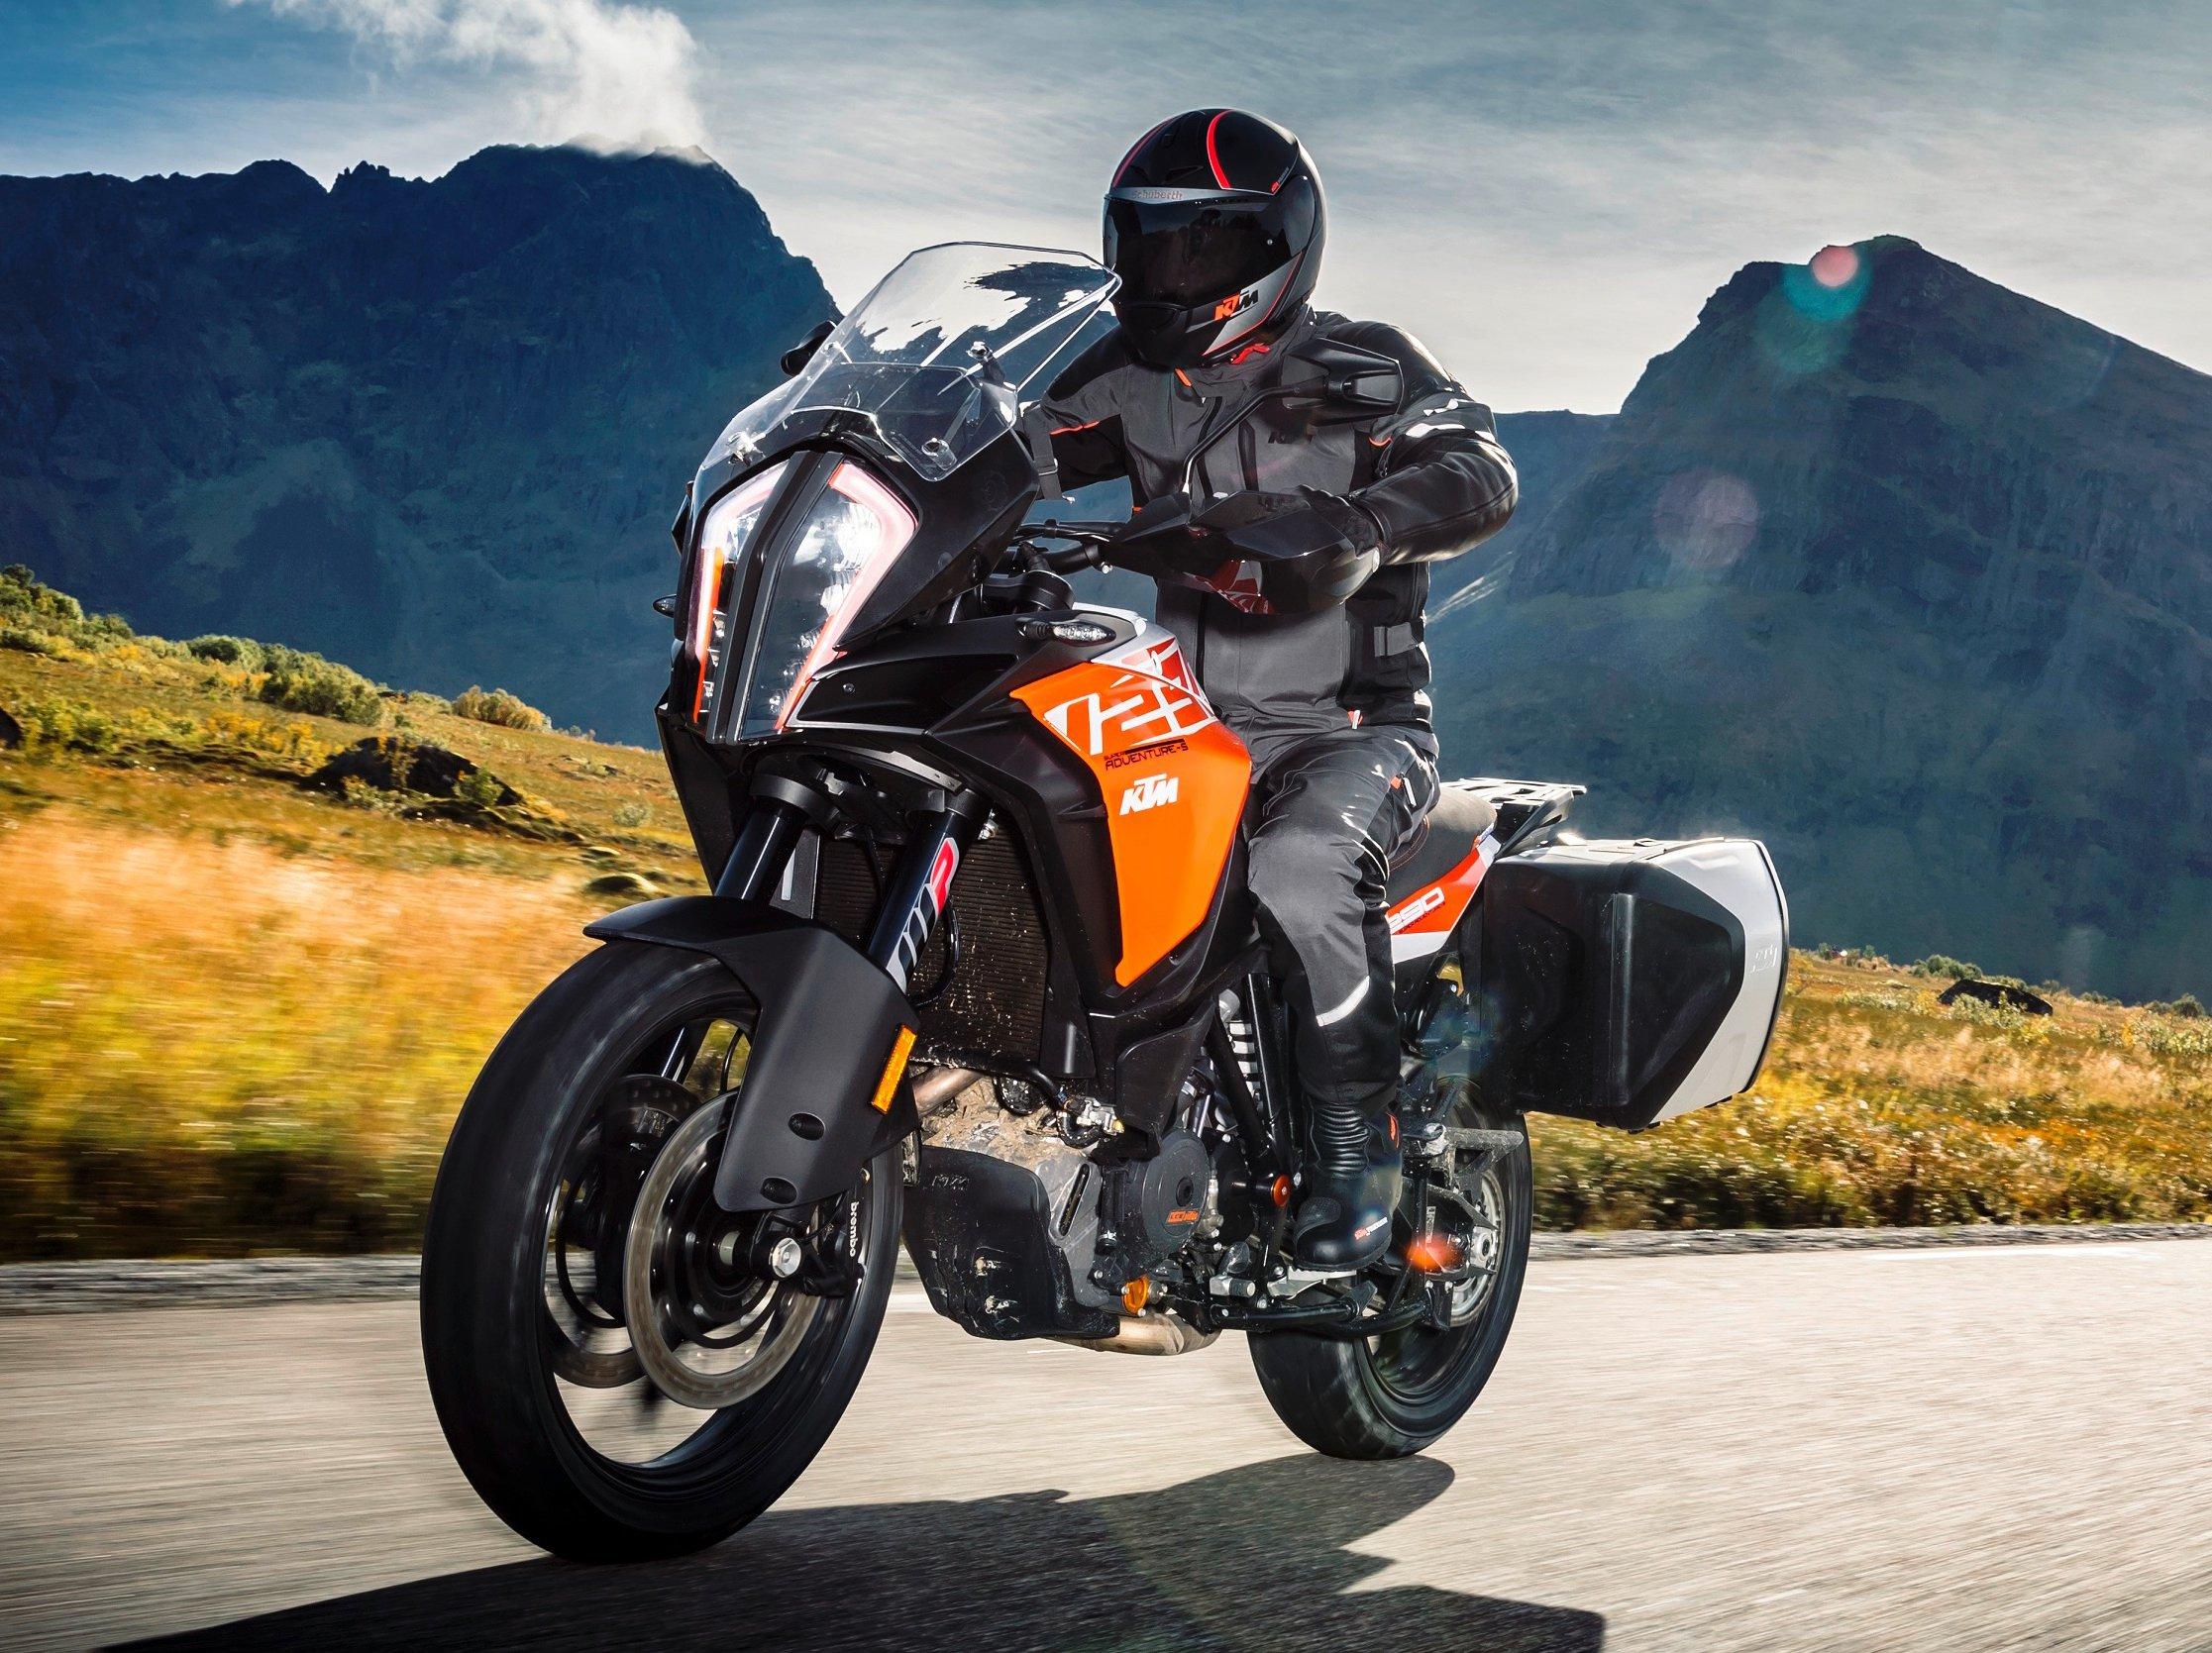 2017 KTM Adventure motorcycle range revamped - new 1090 ...